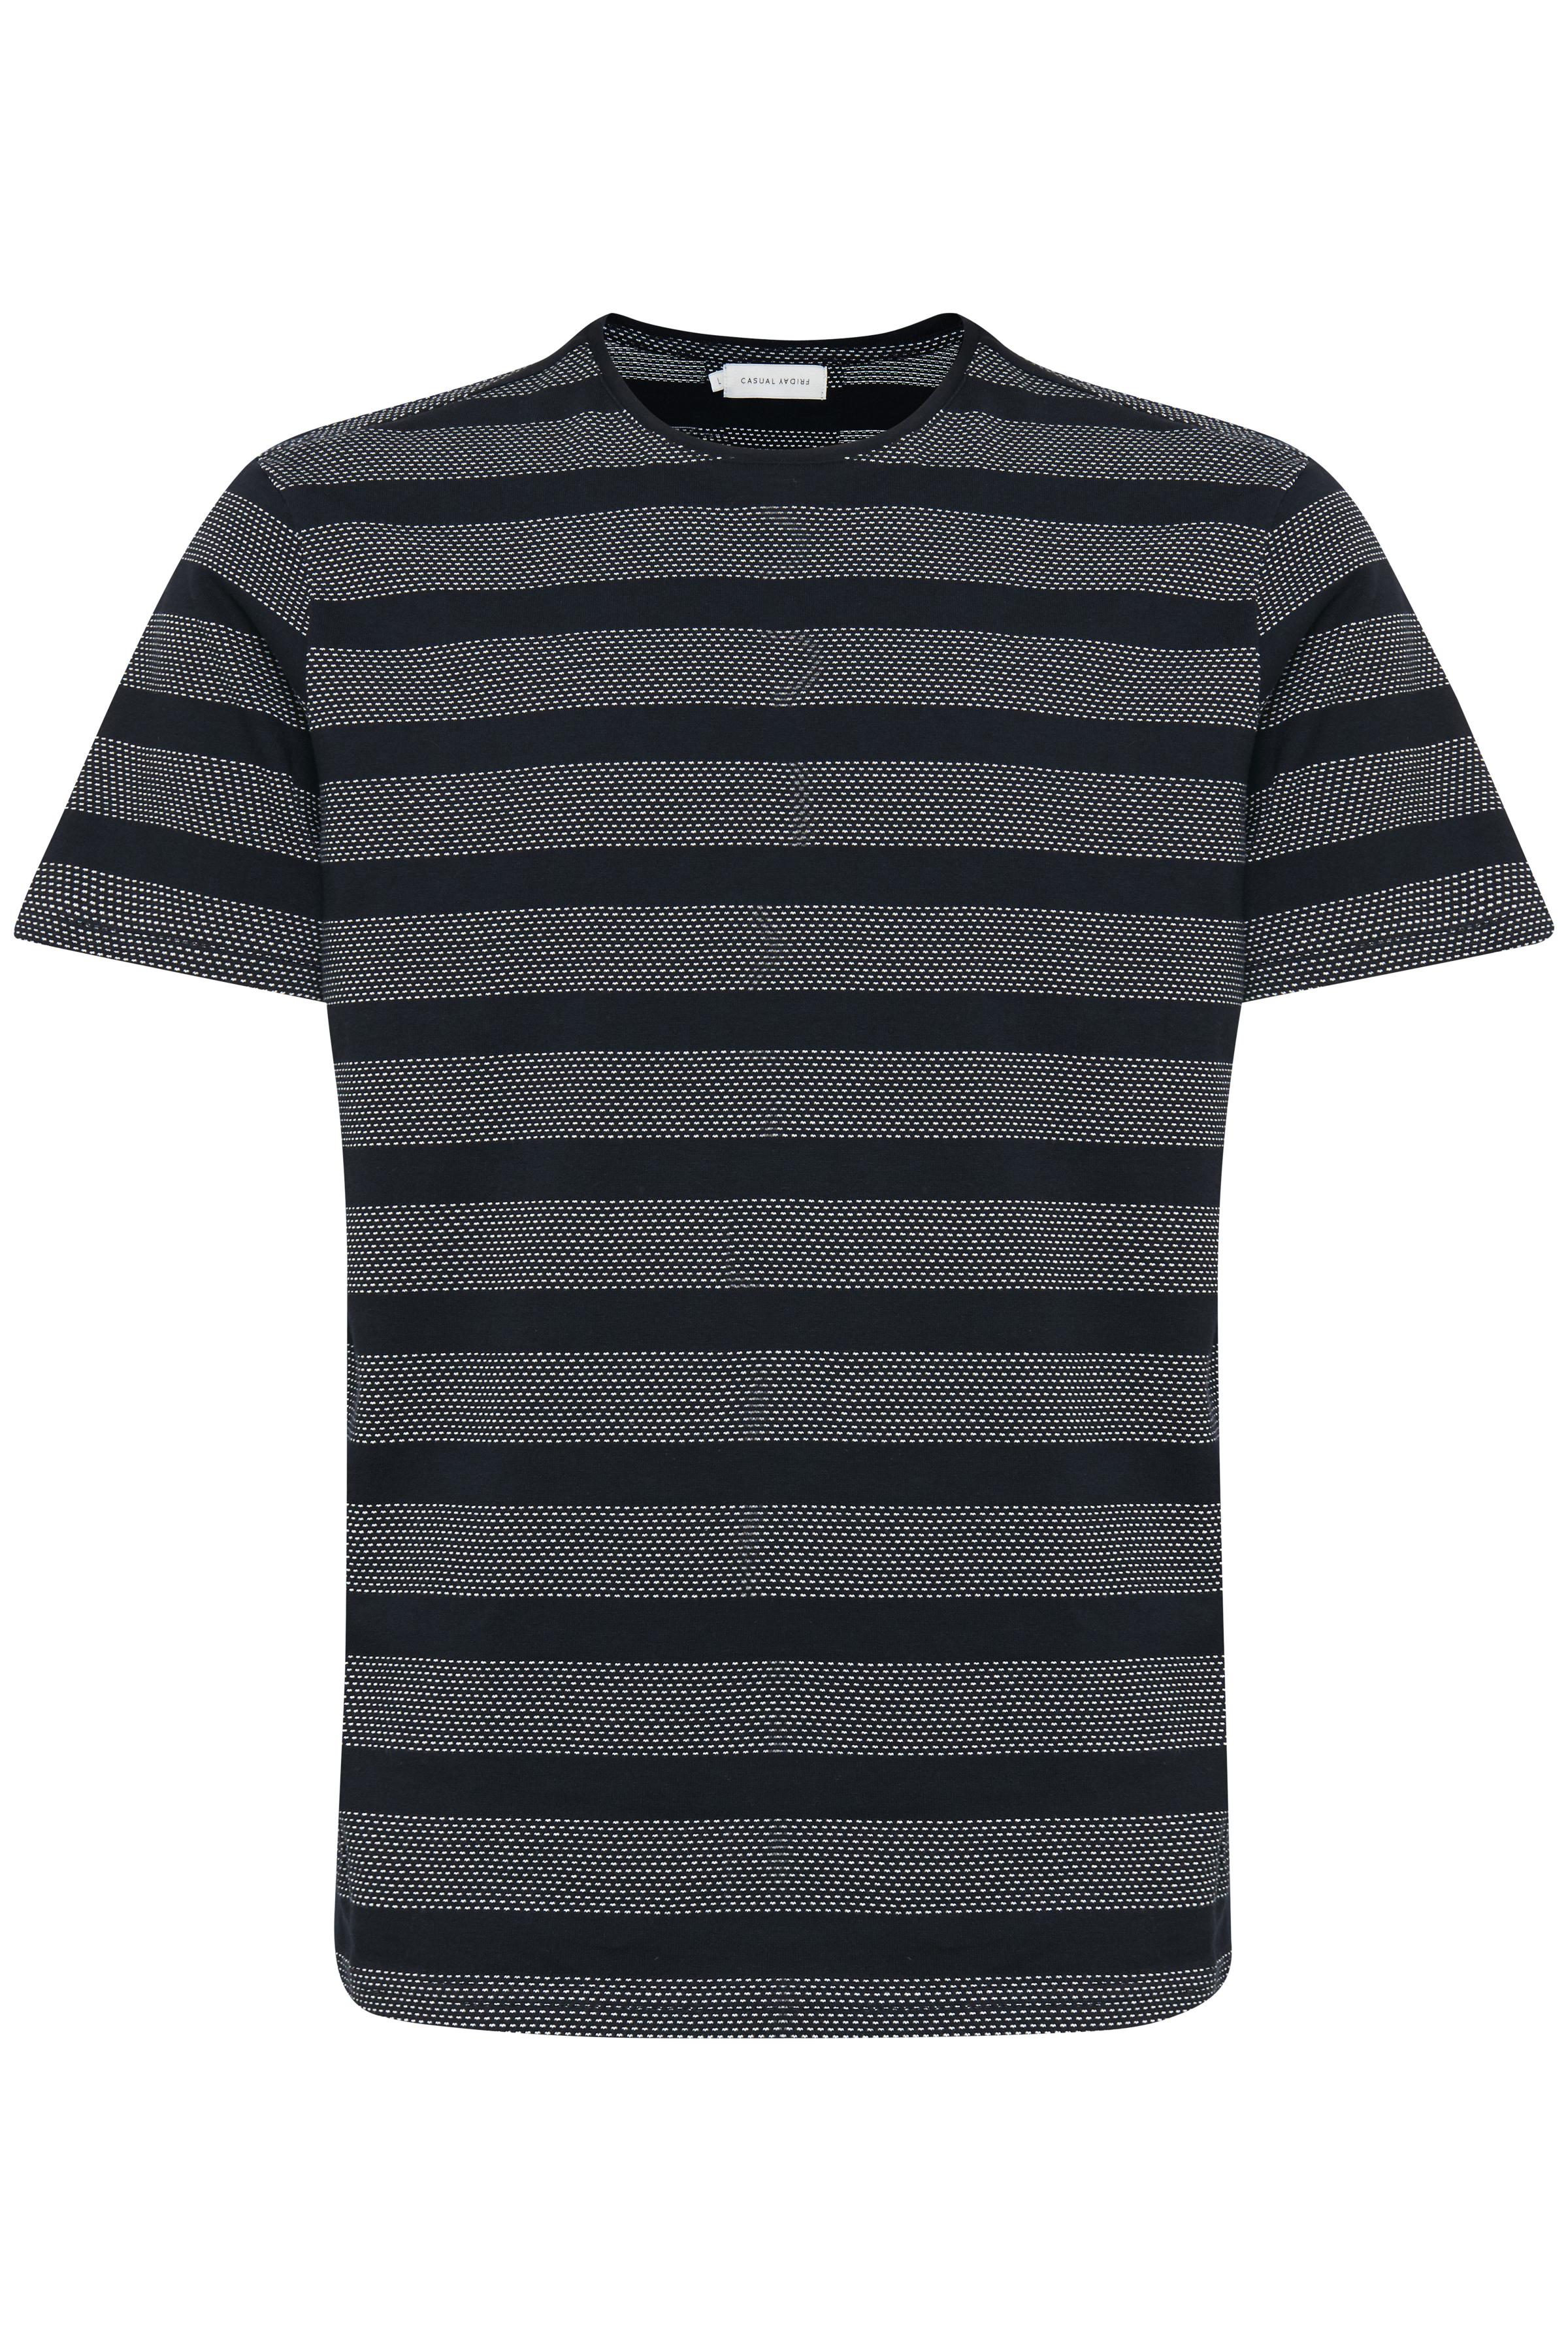 Mørk marineblå Kortærmet T-shirt fra Casual Friday – Køb Mørk marineblå Kortærmet T-shirt fra str. S-3XL her